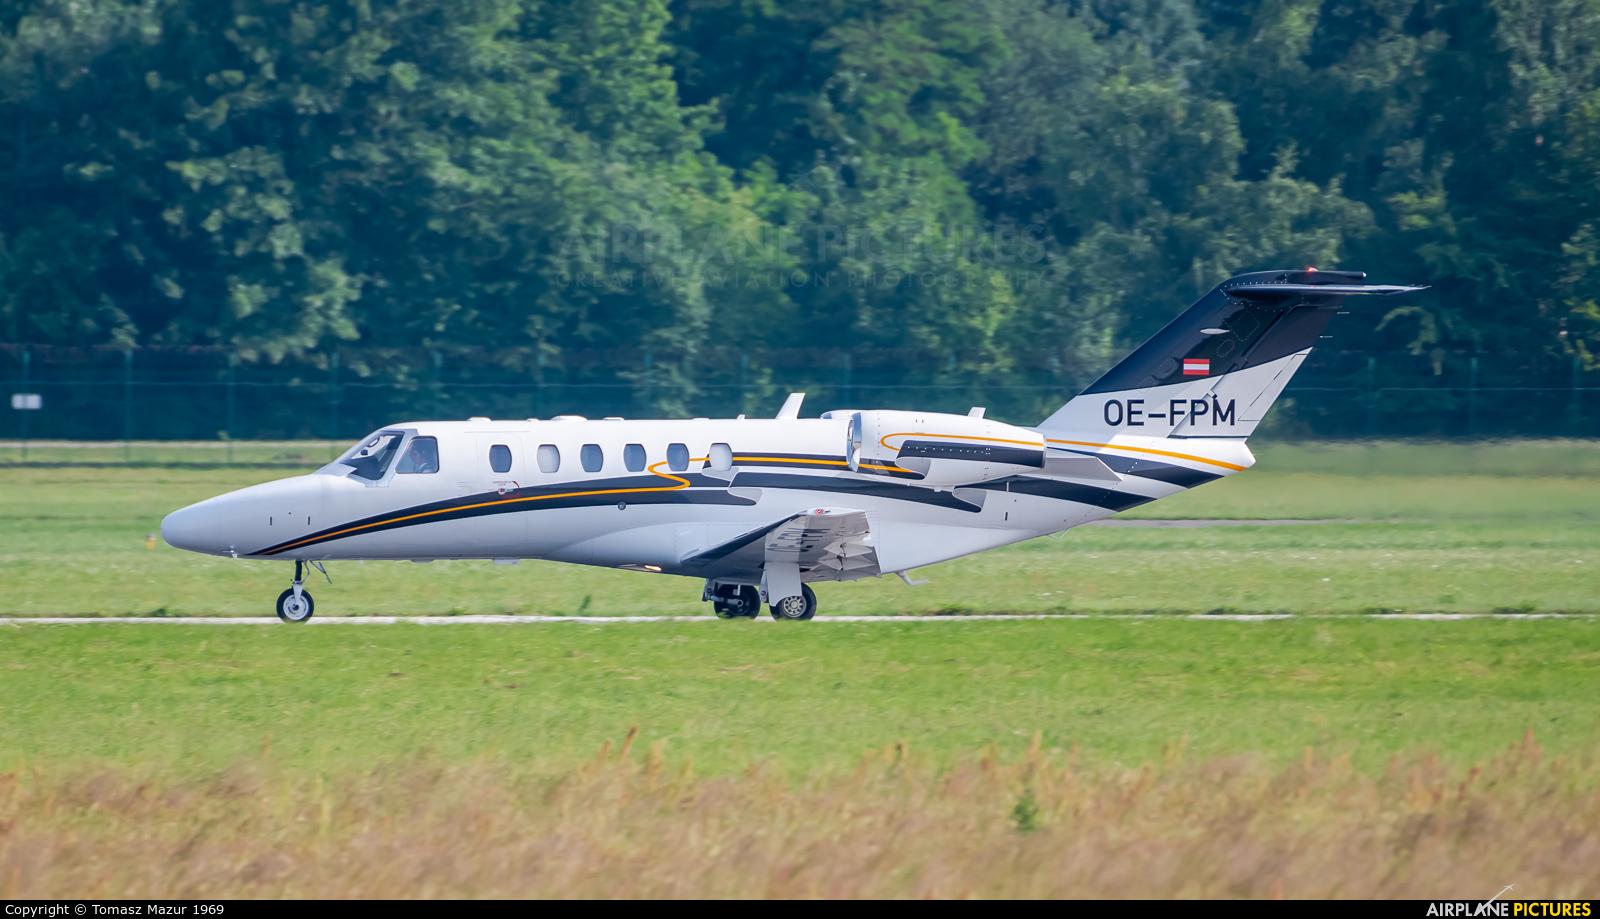 Jet24 GmbH OE-FPM aircraft at Kraków - John Paul II Intl